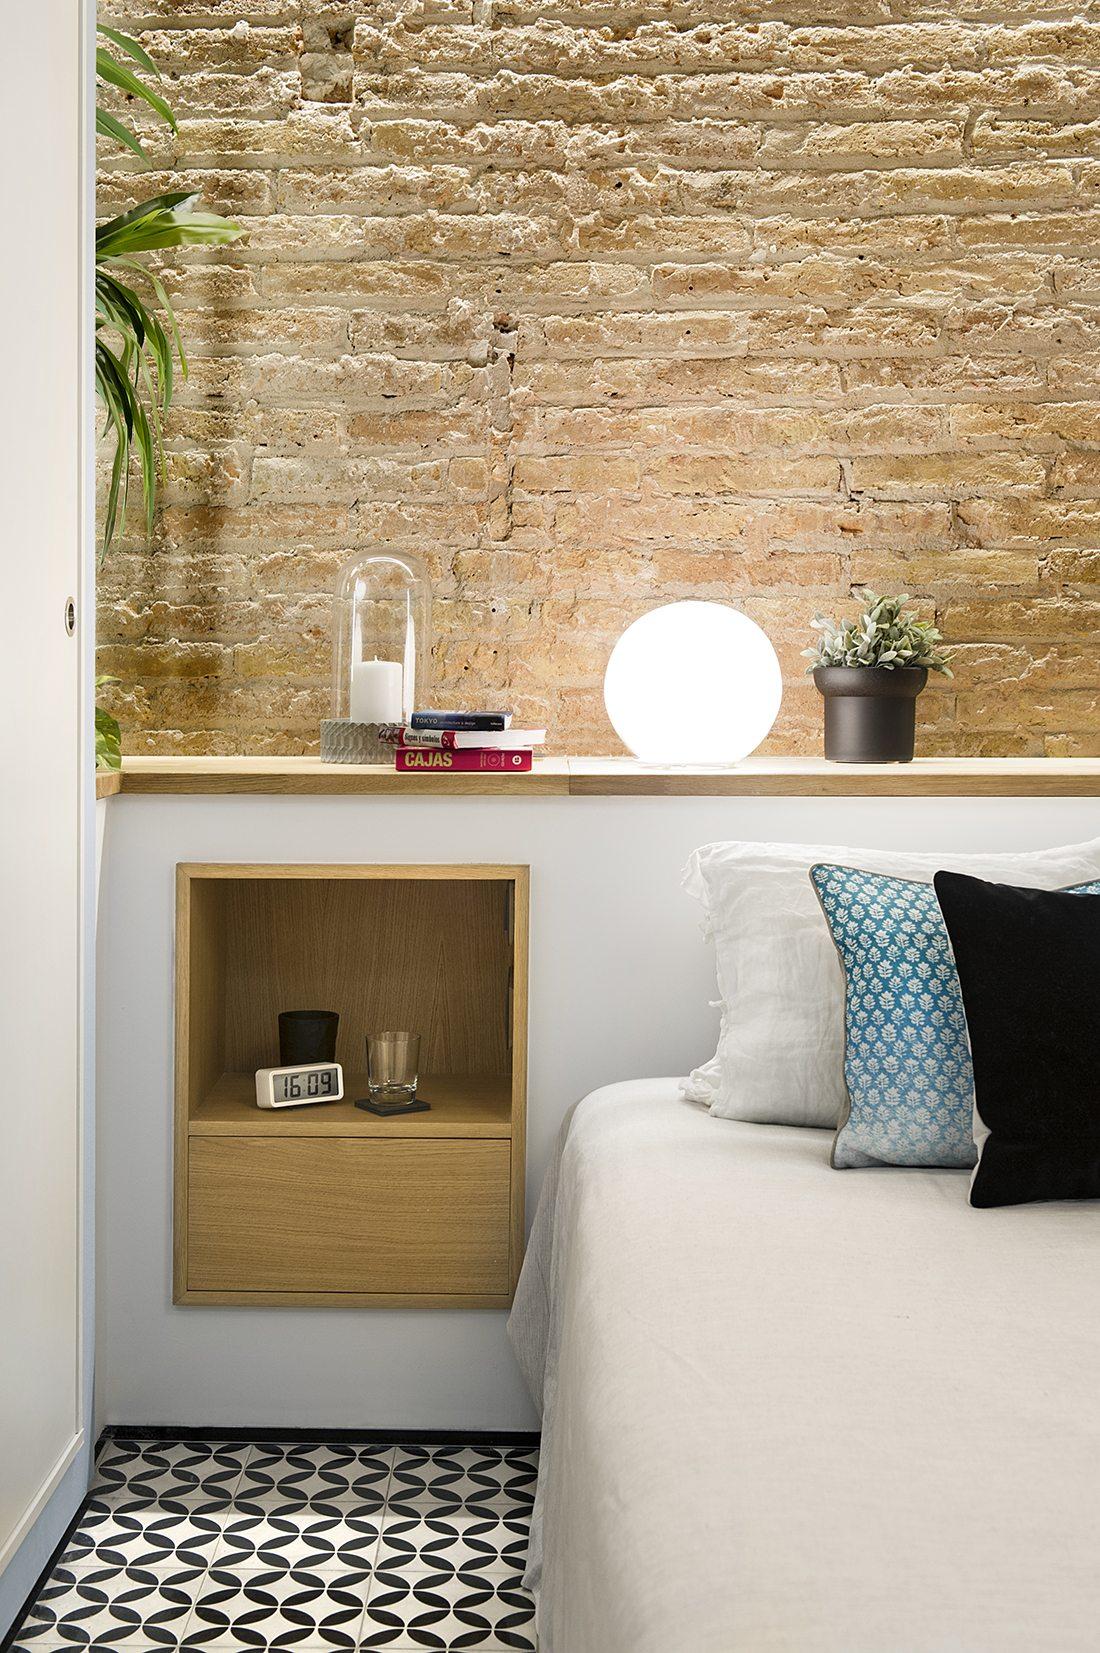 Mooi appartement met een strand thema inrichting - Kleur gevel eigentijds huis ...